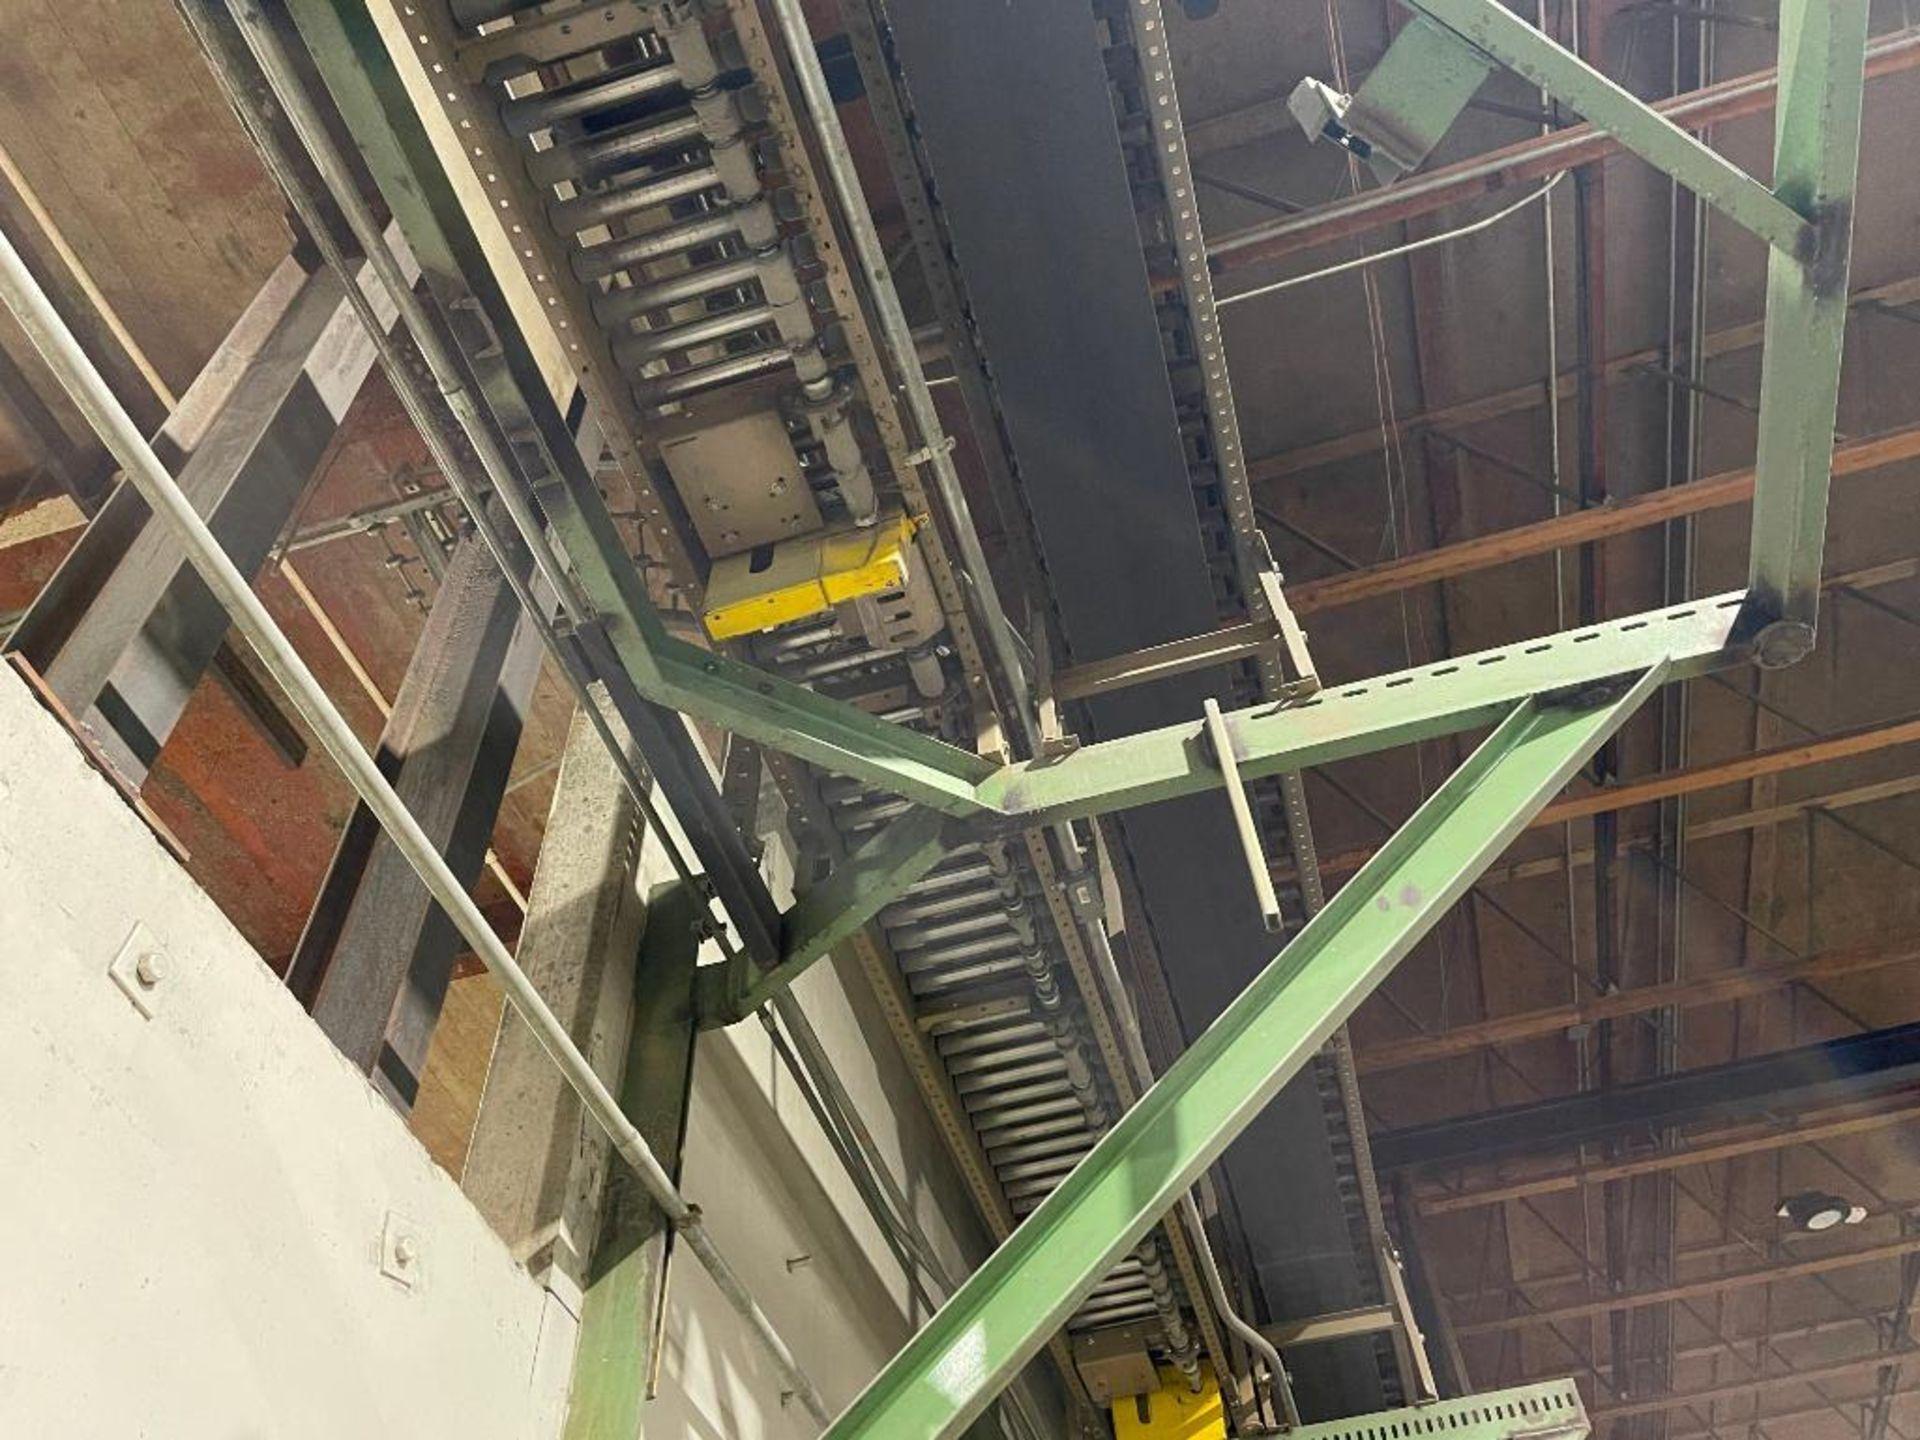 270 ft. of mild steel power roller and power belt overhead conveyor - Image 4 of 12